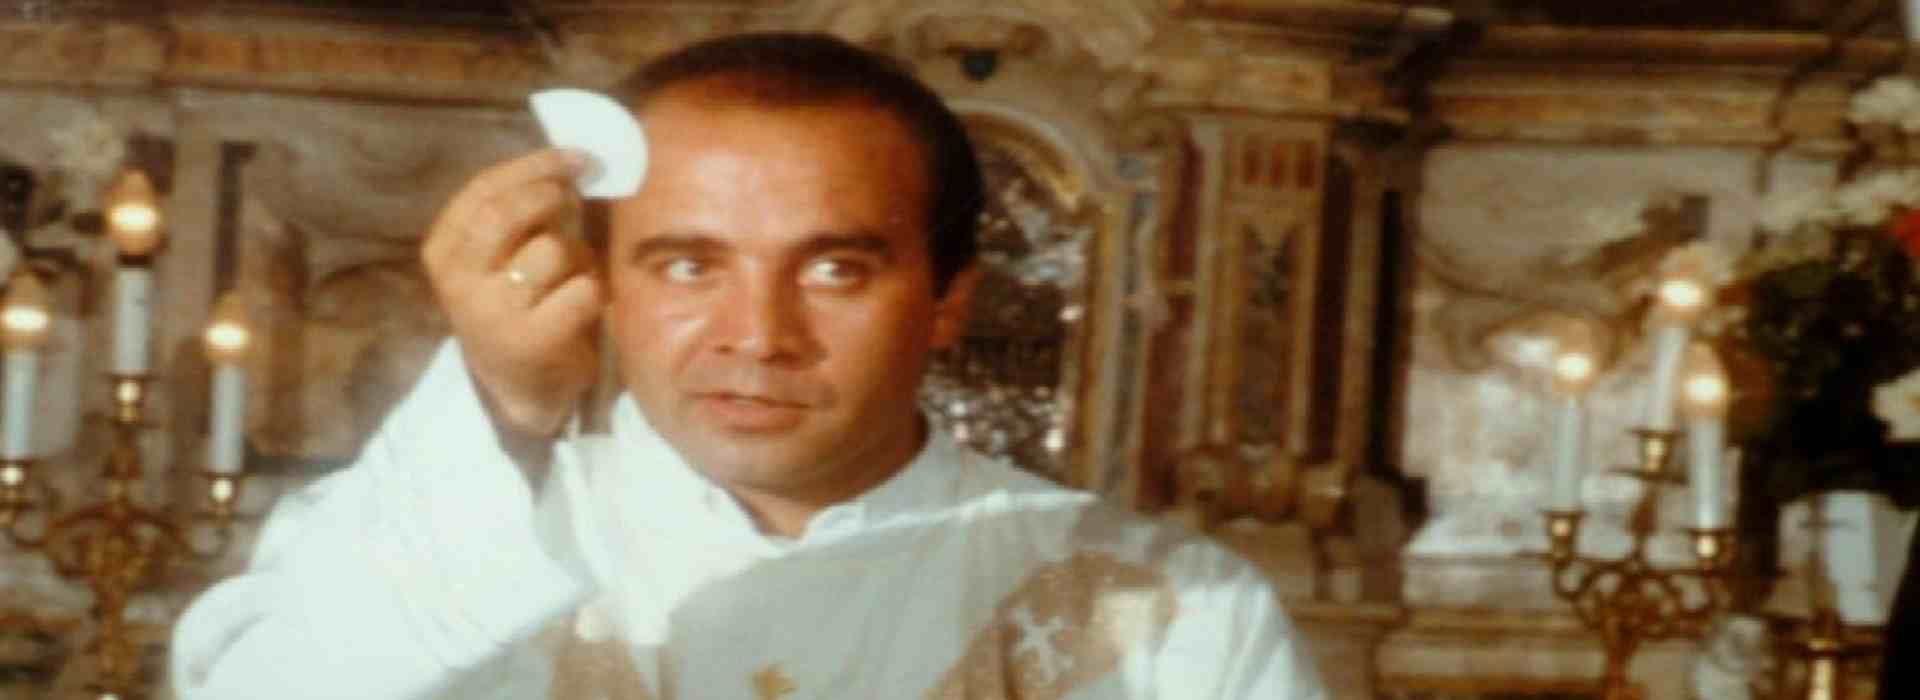 Don Peppe Diana, libero il boss mandante dell'omicidio Nunzio De Falco